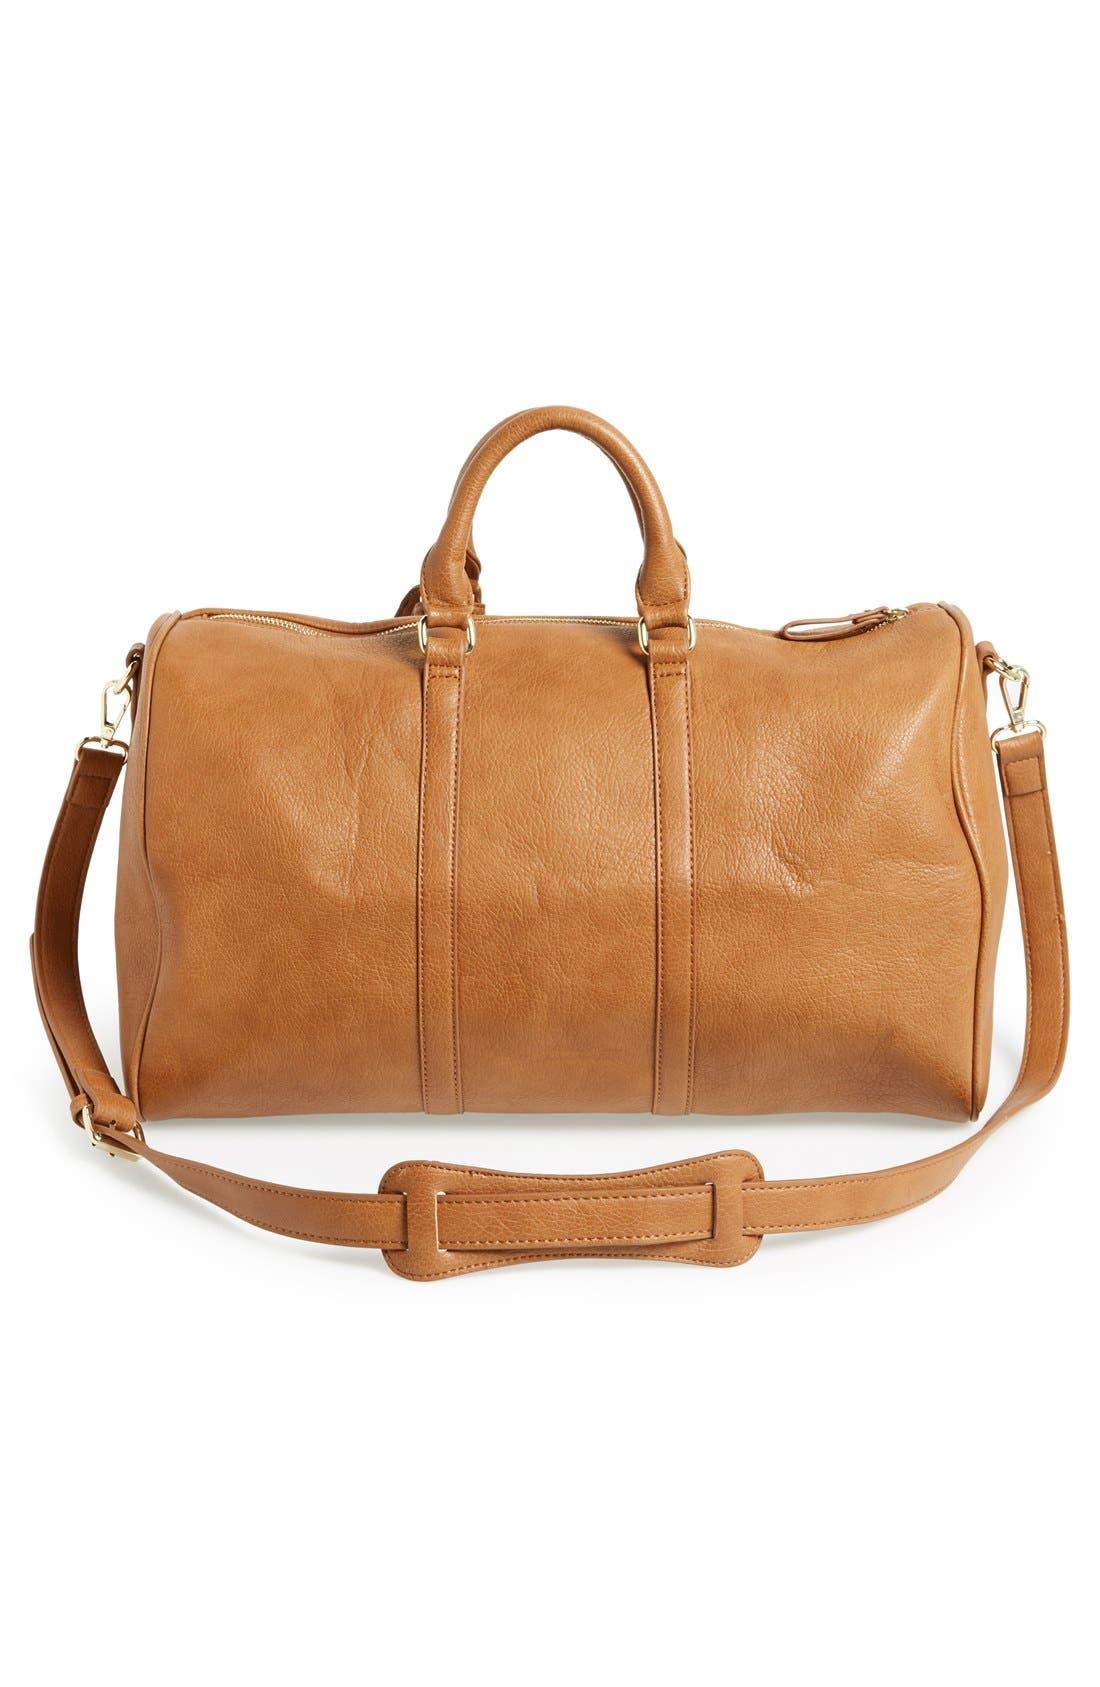 'Cassidy' Faux Leather Duffel Bag,                             Alternate thumbnail 8, color,                             COGNAC